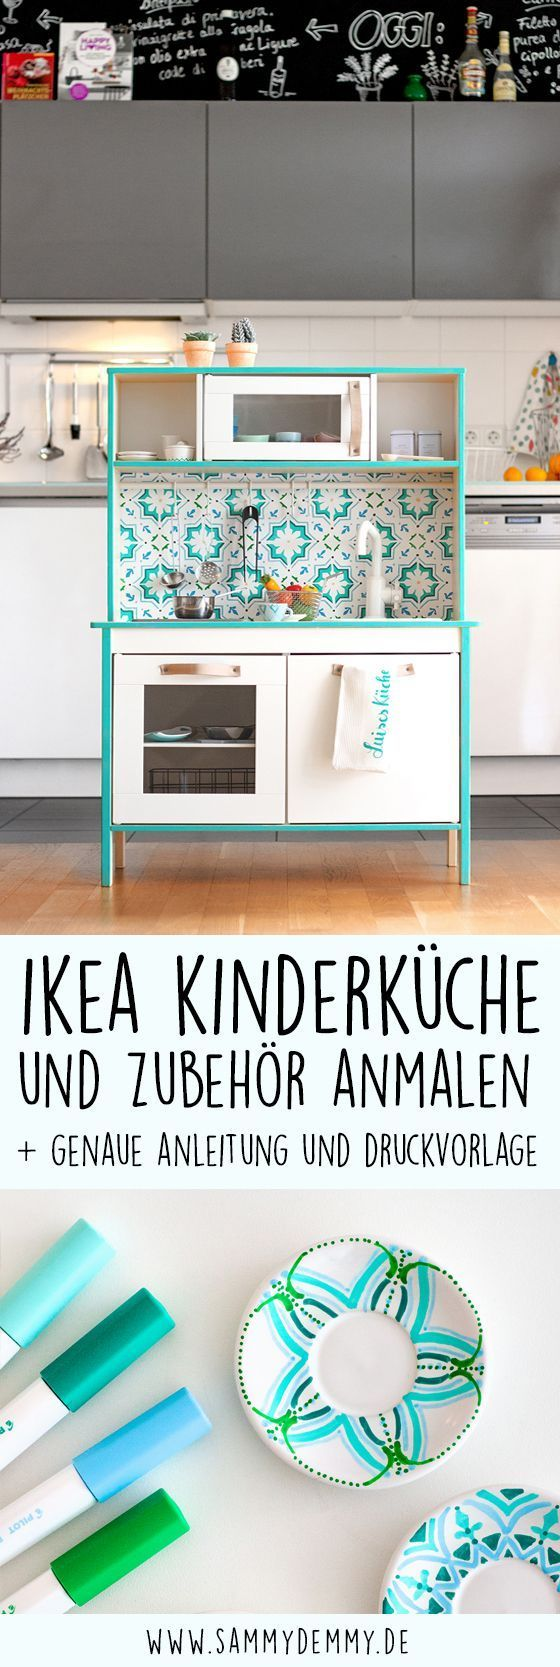 Ikea Ducty Kuche Fur Kinder Diy Kuche Fur Kinder Ikea Ikea Hack Weihnachtsgeschenk Gesundes Spielzeug Childrens Kitchens Ikea Kids Ikea Childrens Kitchen